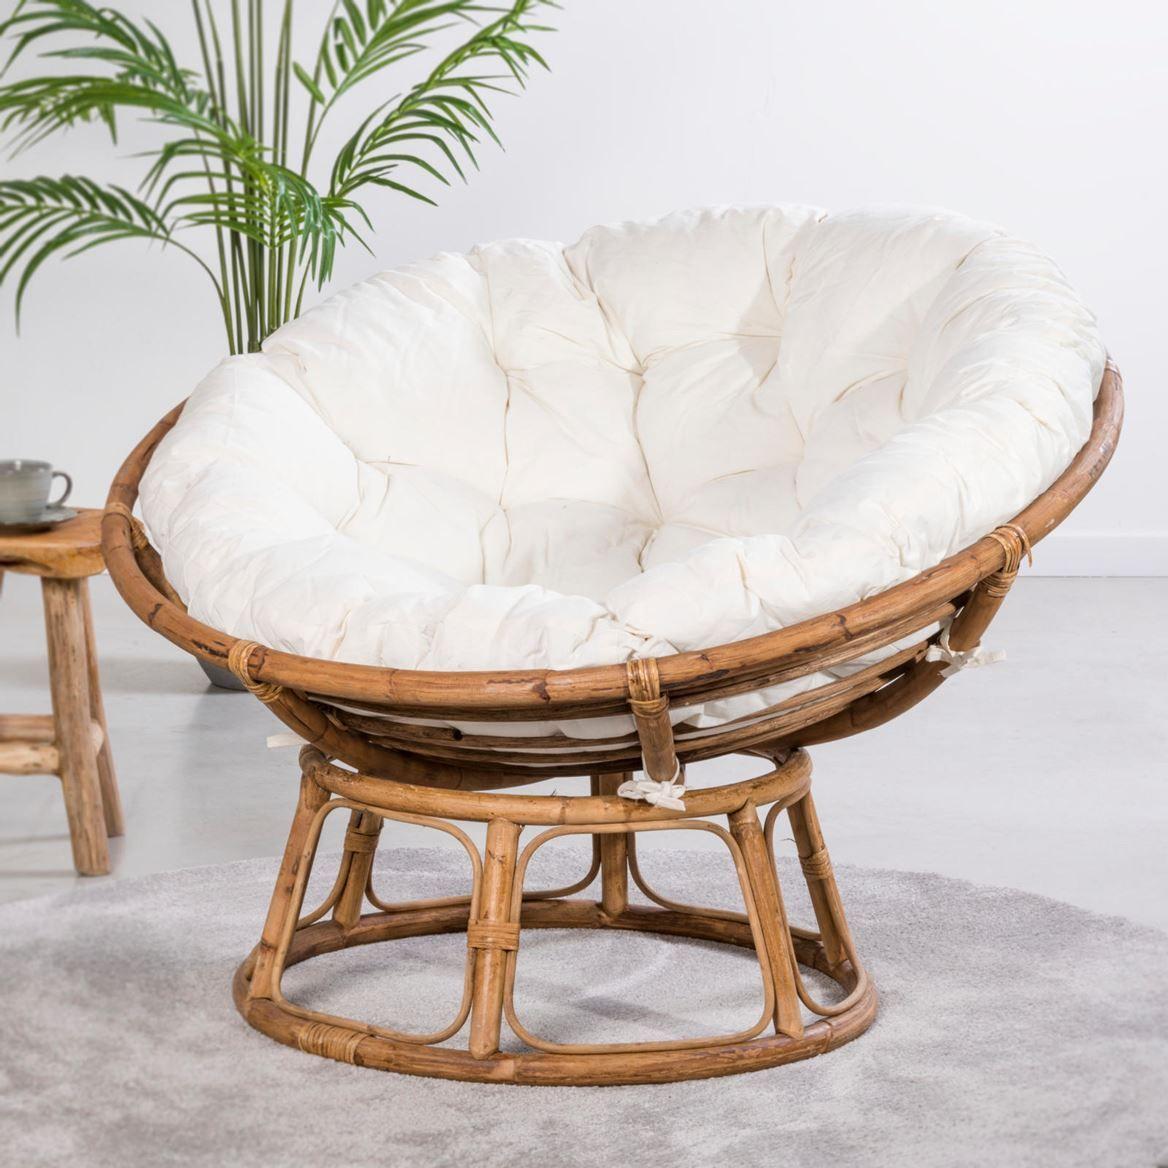 Papasan Chaise Lounge Naturel Blanc Casse H 85 Cm O 113 Cm Papasan Chaise Lounge Naturel Blanc Casse H 85 Cm O Chaise De Chambre Fauteuil Casa Salon Lounge